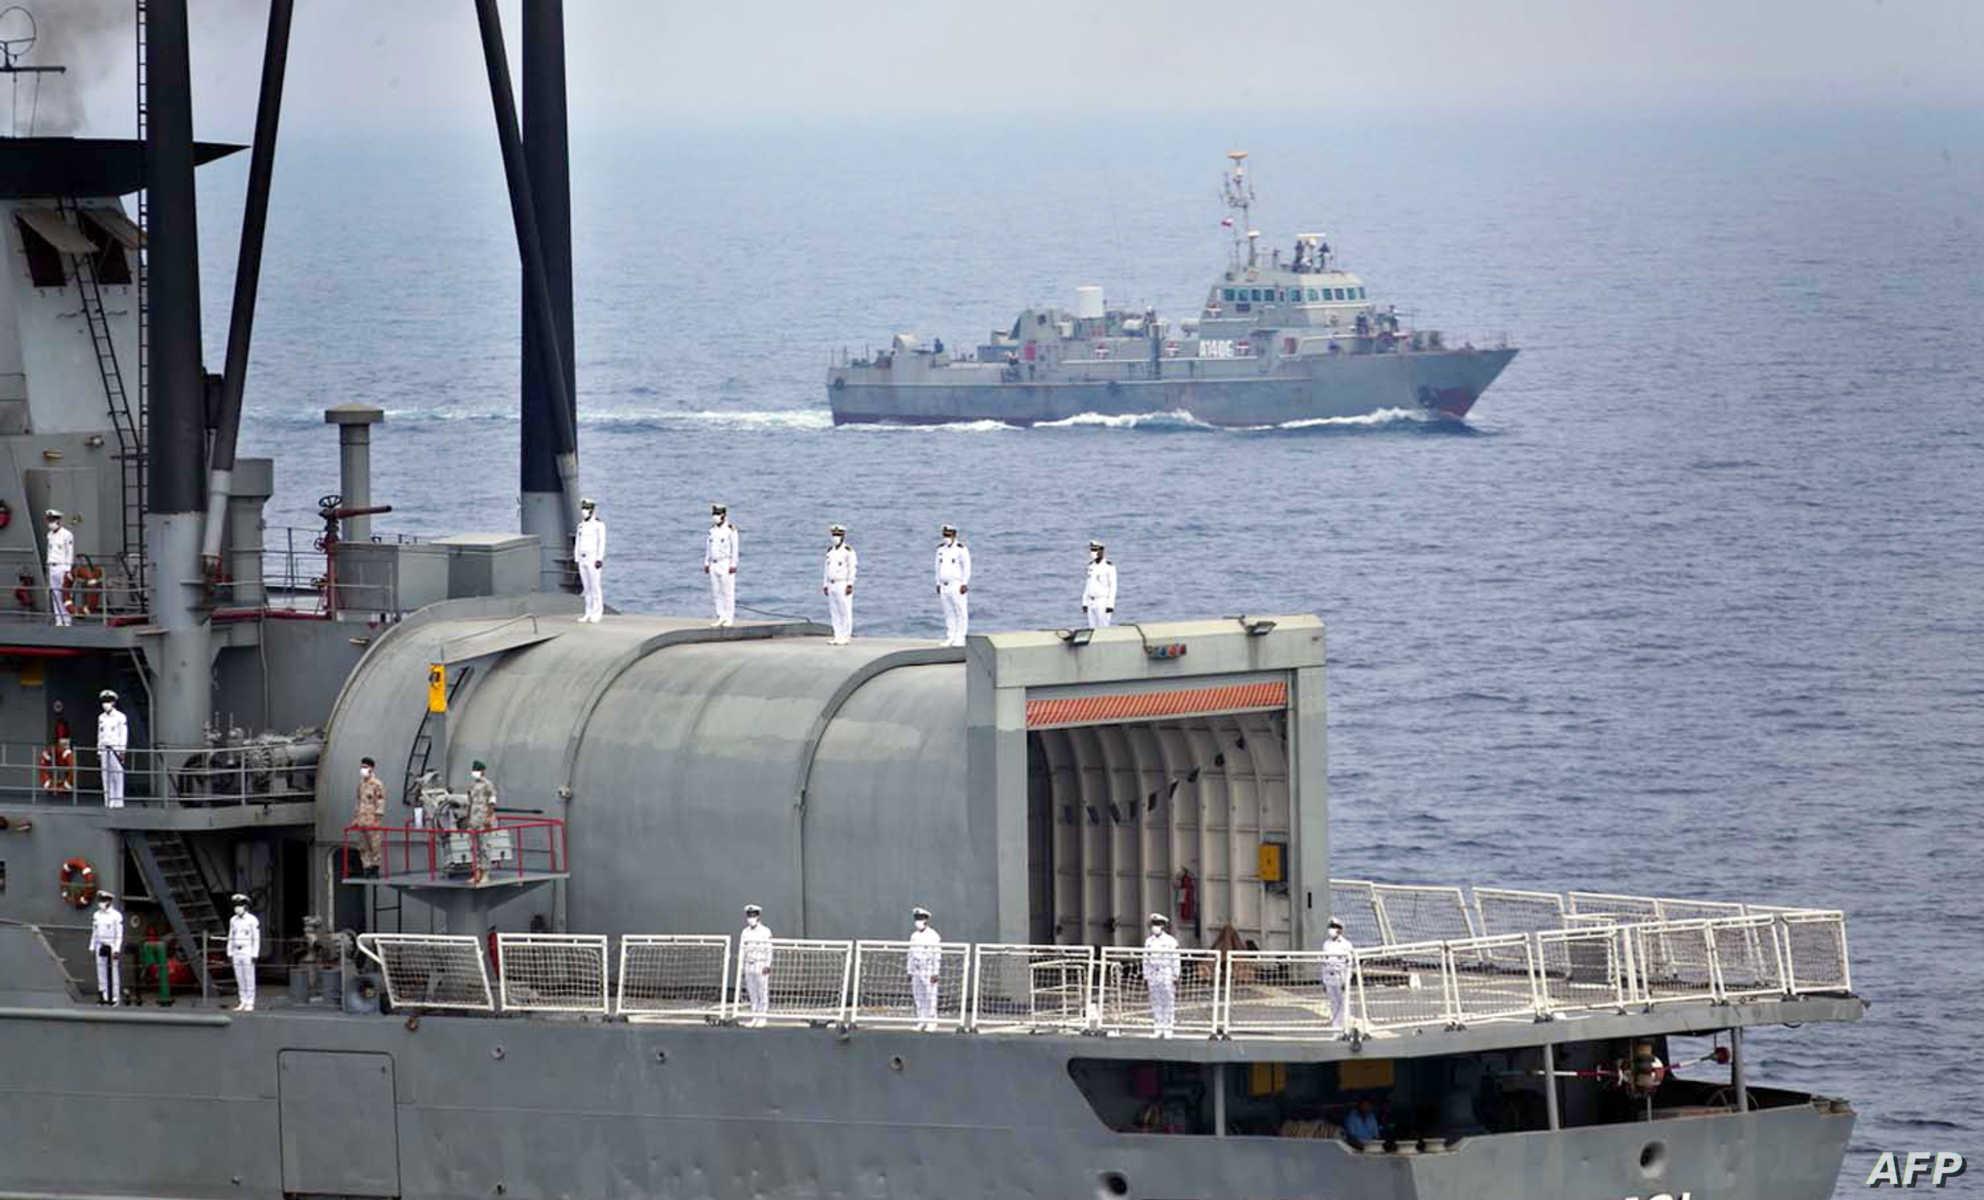 سفينة سافيز الإيرانية تتنقل قرب باب المندب. أرشيفية - تعبيرية